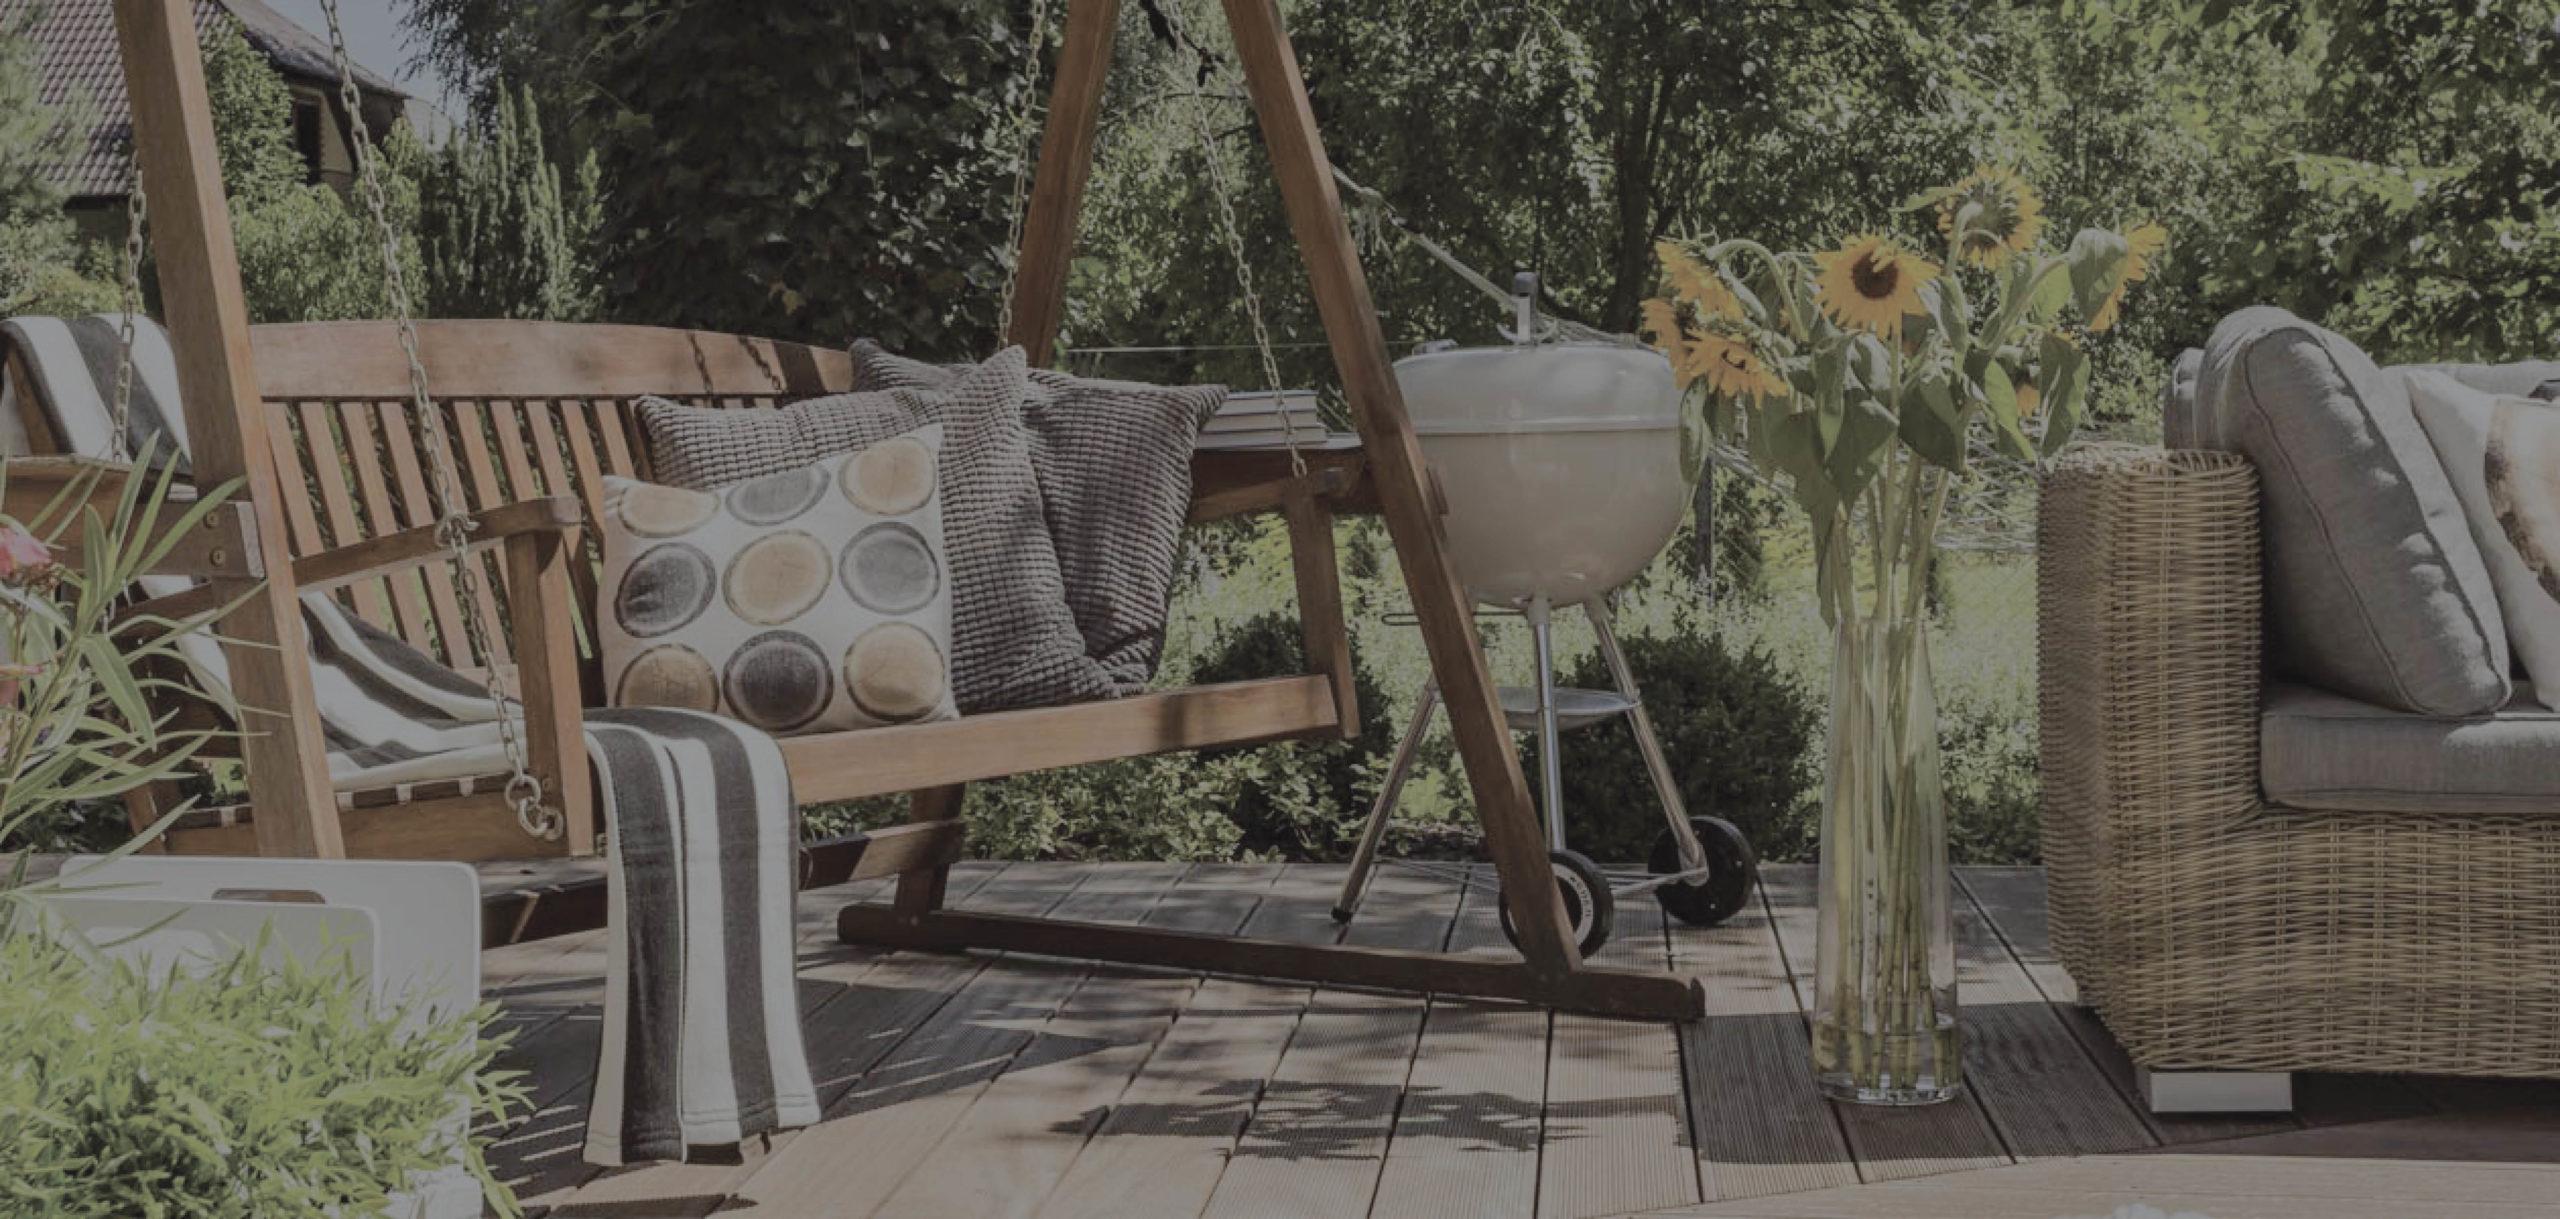 ChasMar Home & Garden